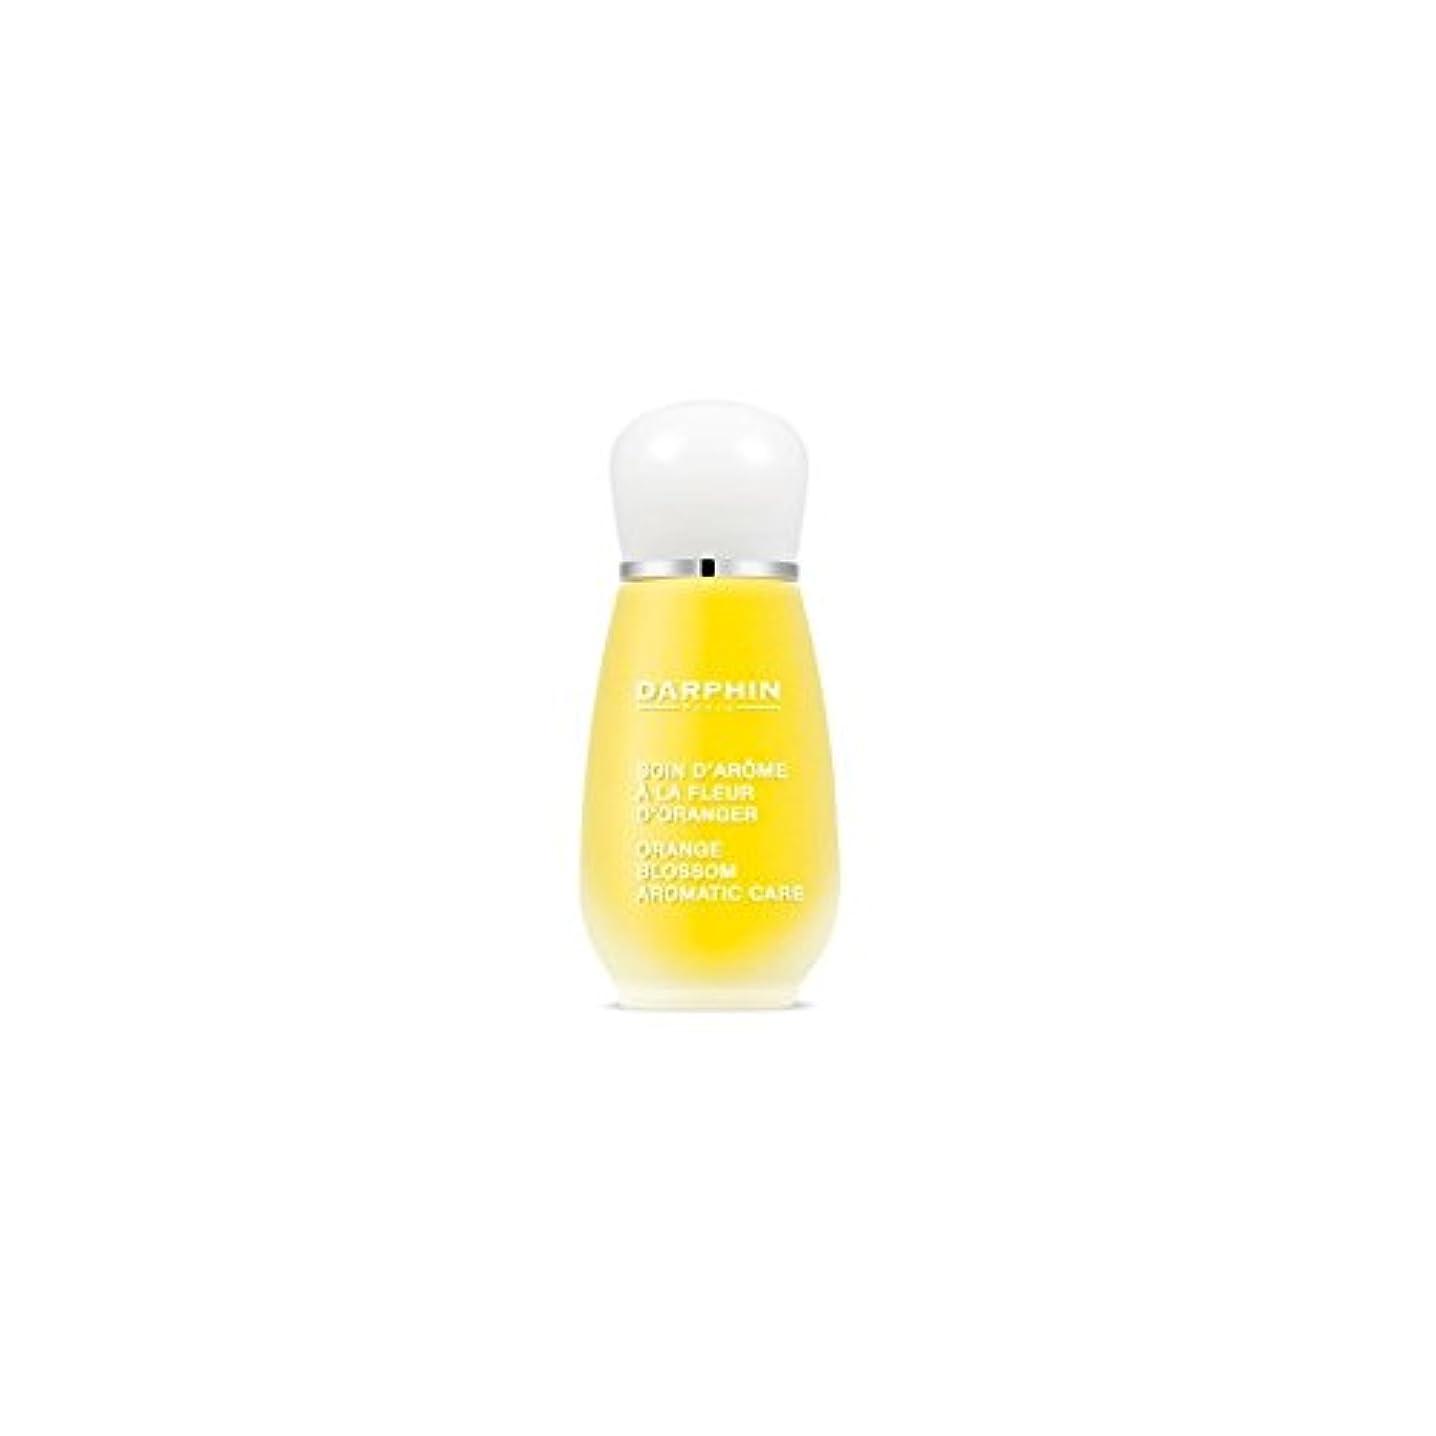 愛ユダヤ人キャップダルファンオレンジの花の芳香ケア(15ミリリットル) x4 - Darphin Orange Blossom Aromatic Care (15ml) (Pack of 4) [並行輸入品]